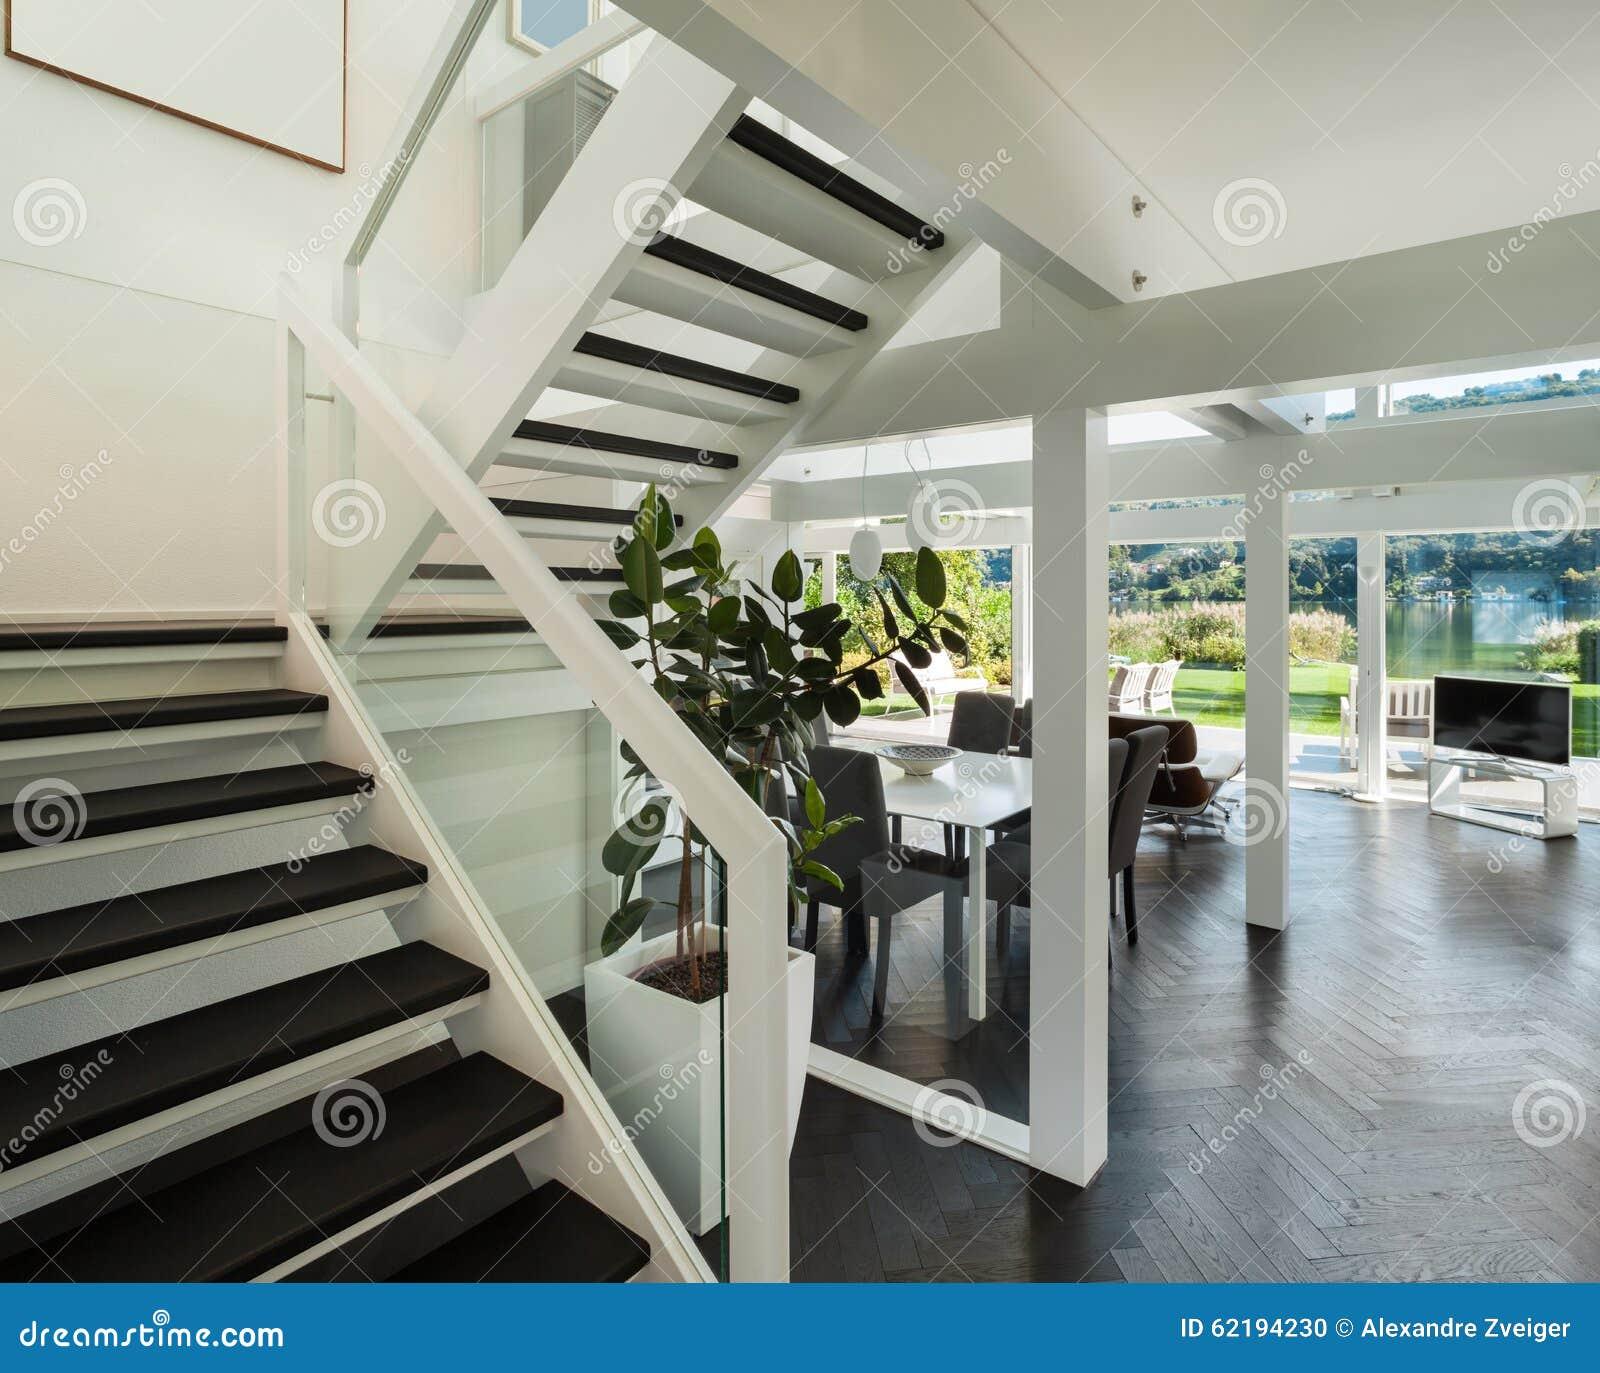 int rieur vue de salon d 39 escalier photo stock image du pilier espace 62194230. Black Bedroom Furniture Sets. Home Design Ideas